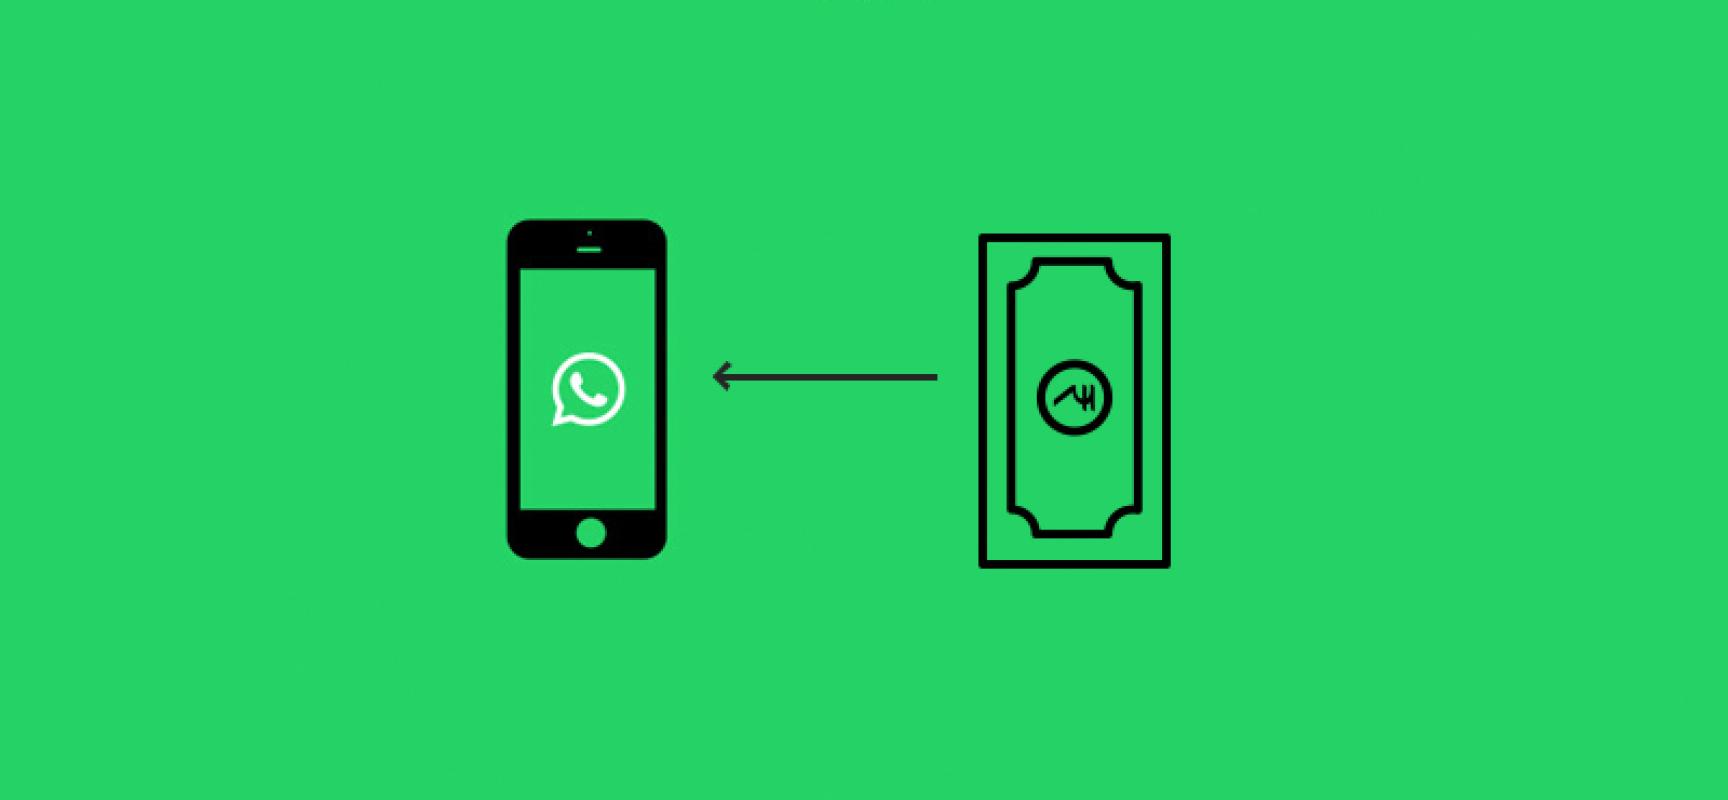 App e utilità. WhatsApp verso i pagamenti, funzione Payments già in rete per inviare e ricevere denaro ai e dai propri contatti